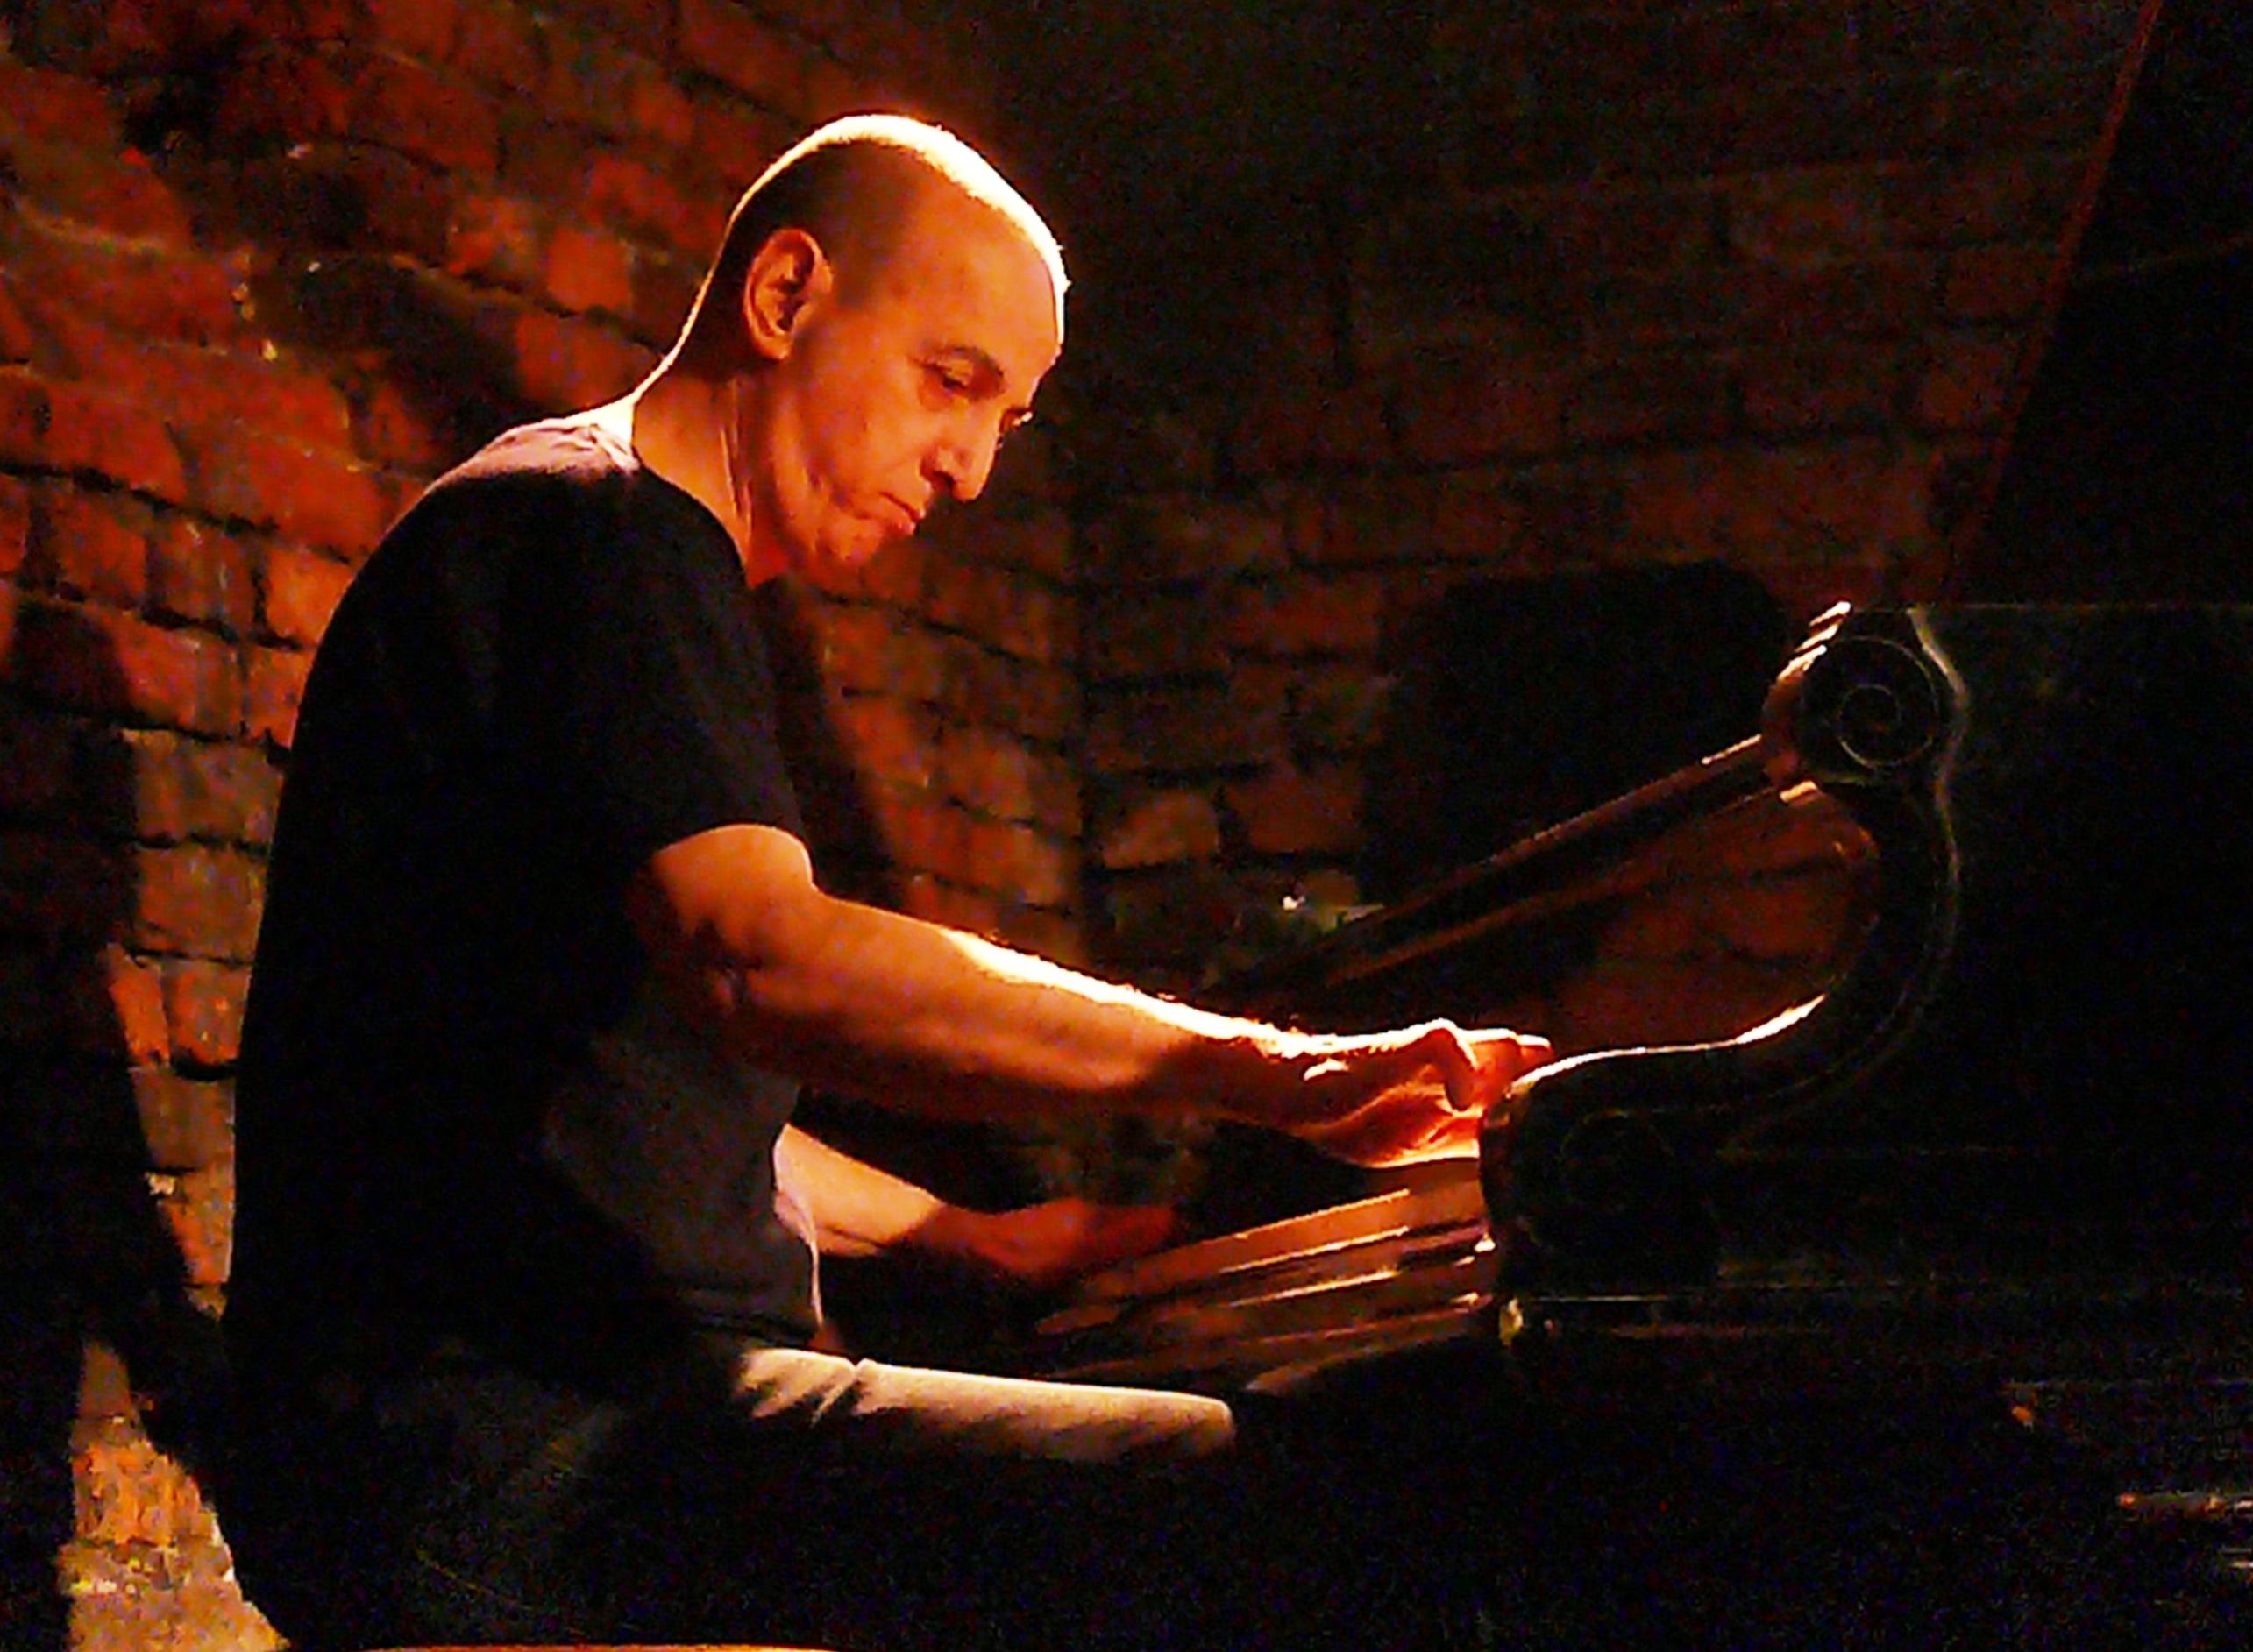 Agusti Fernandez at Alchemia, Krakow in November 2014